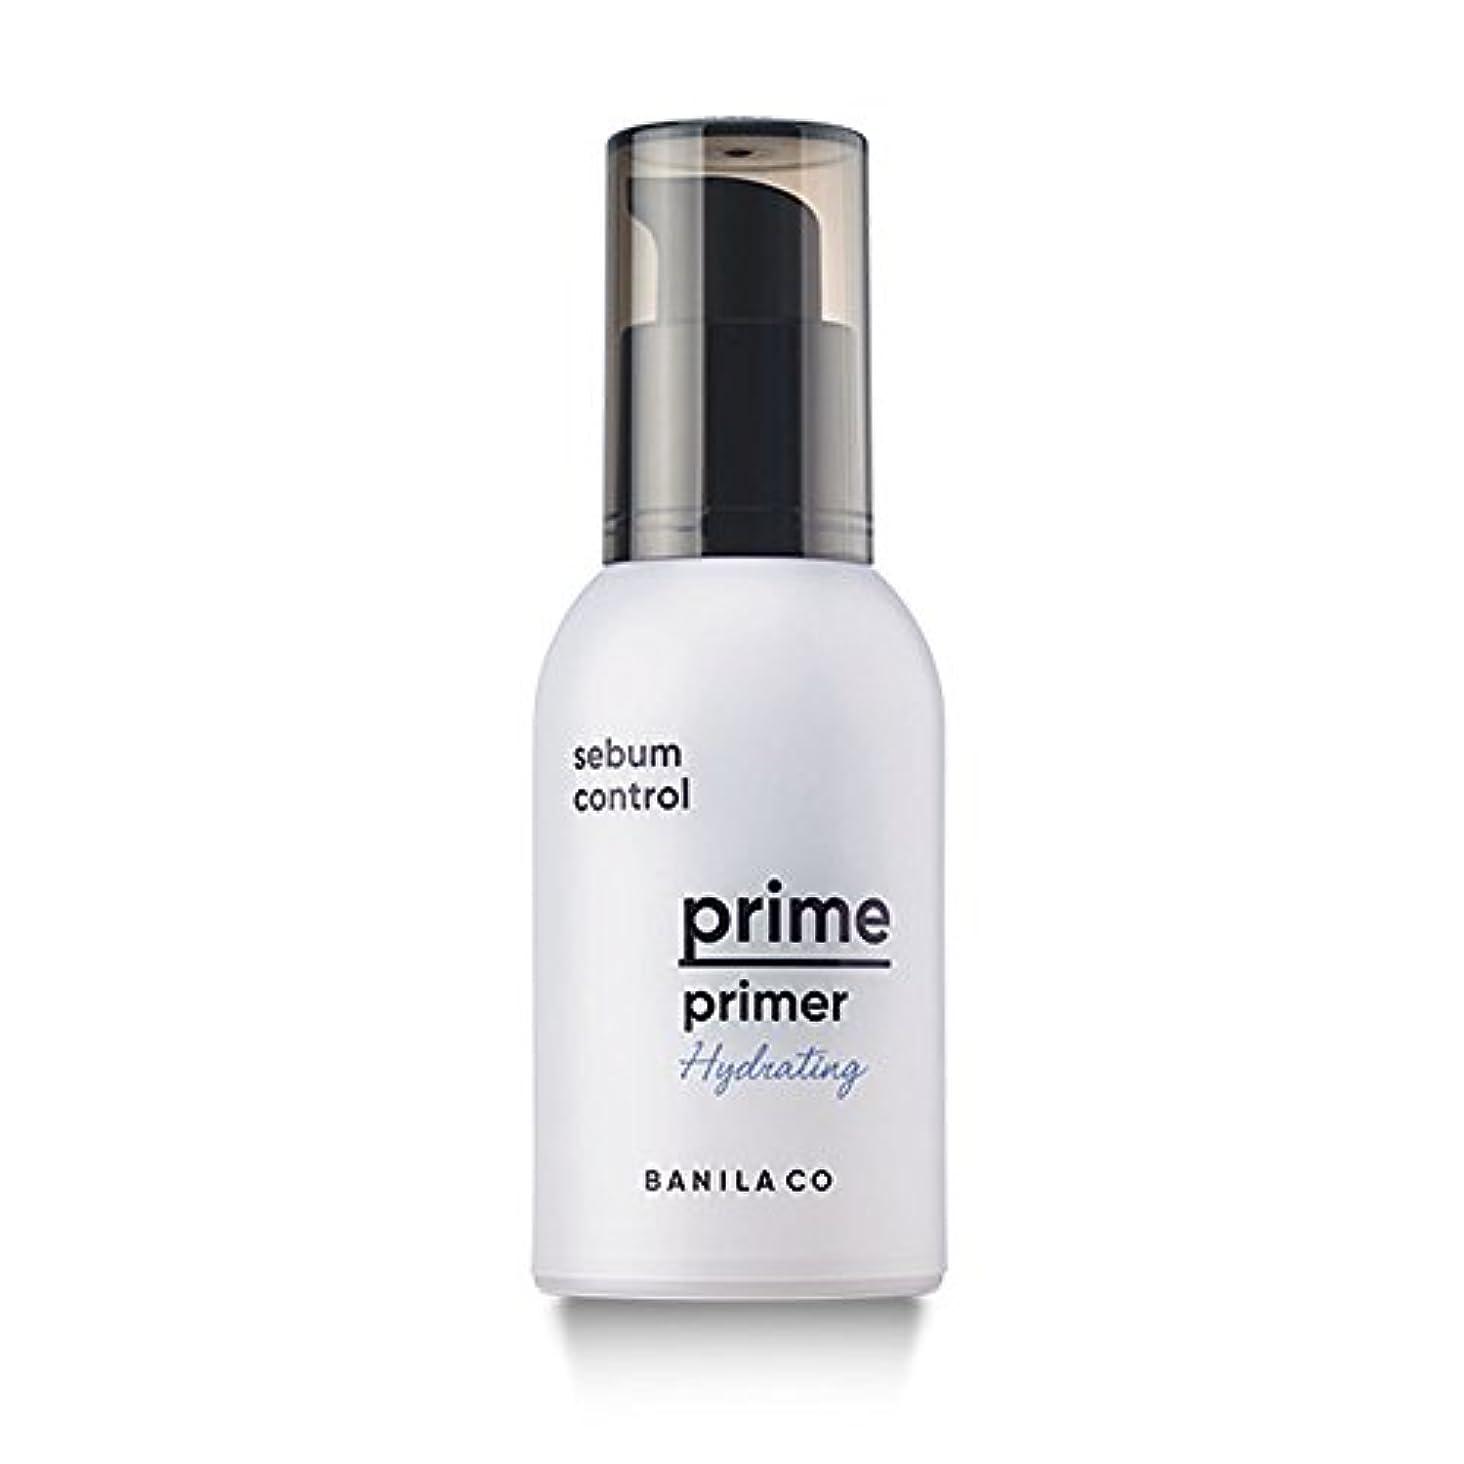 スカルク感じるつかの間BANILA CO(バニラコ) プライム プライマー ハイドレーティング Prime Primer Hydrating 30ml